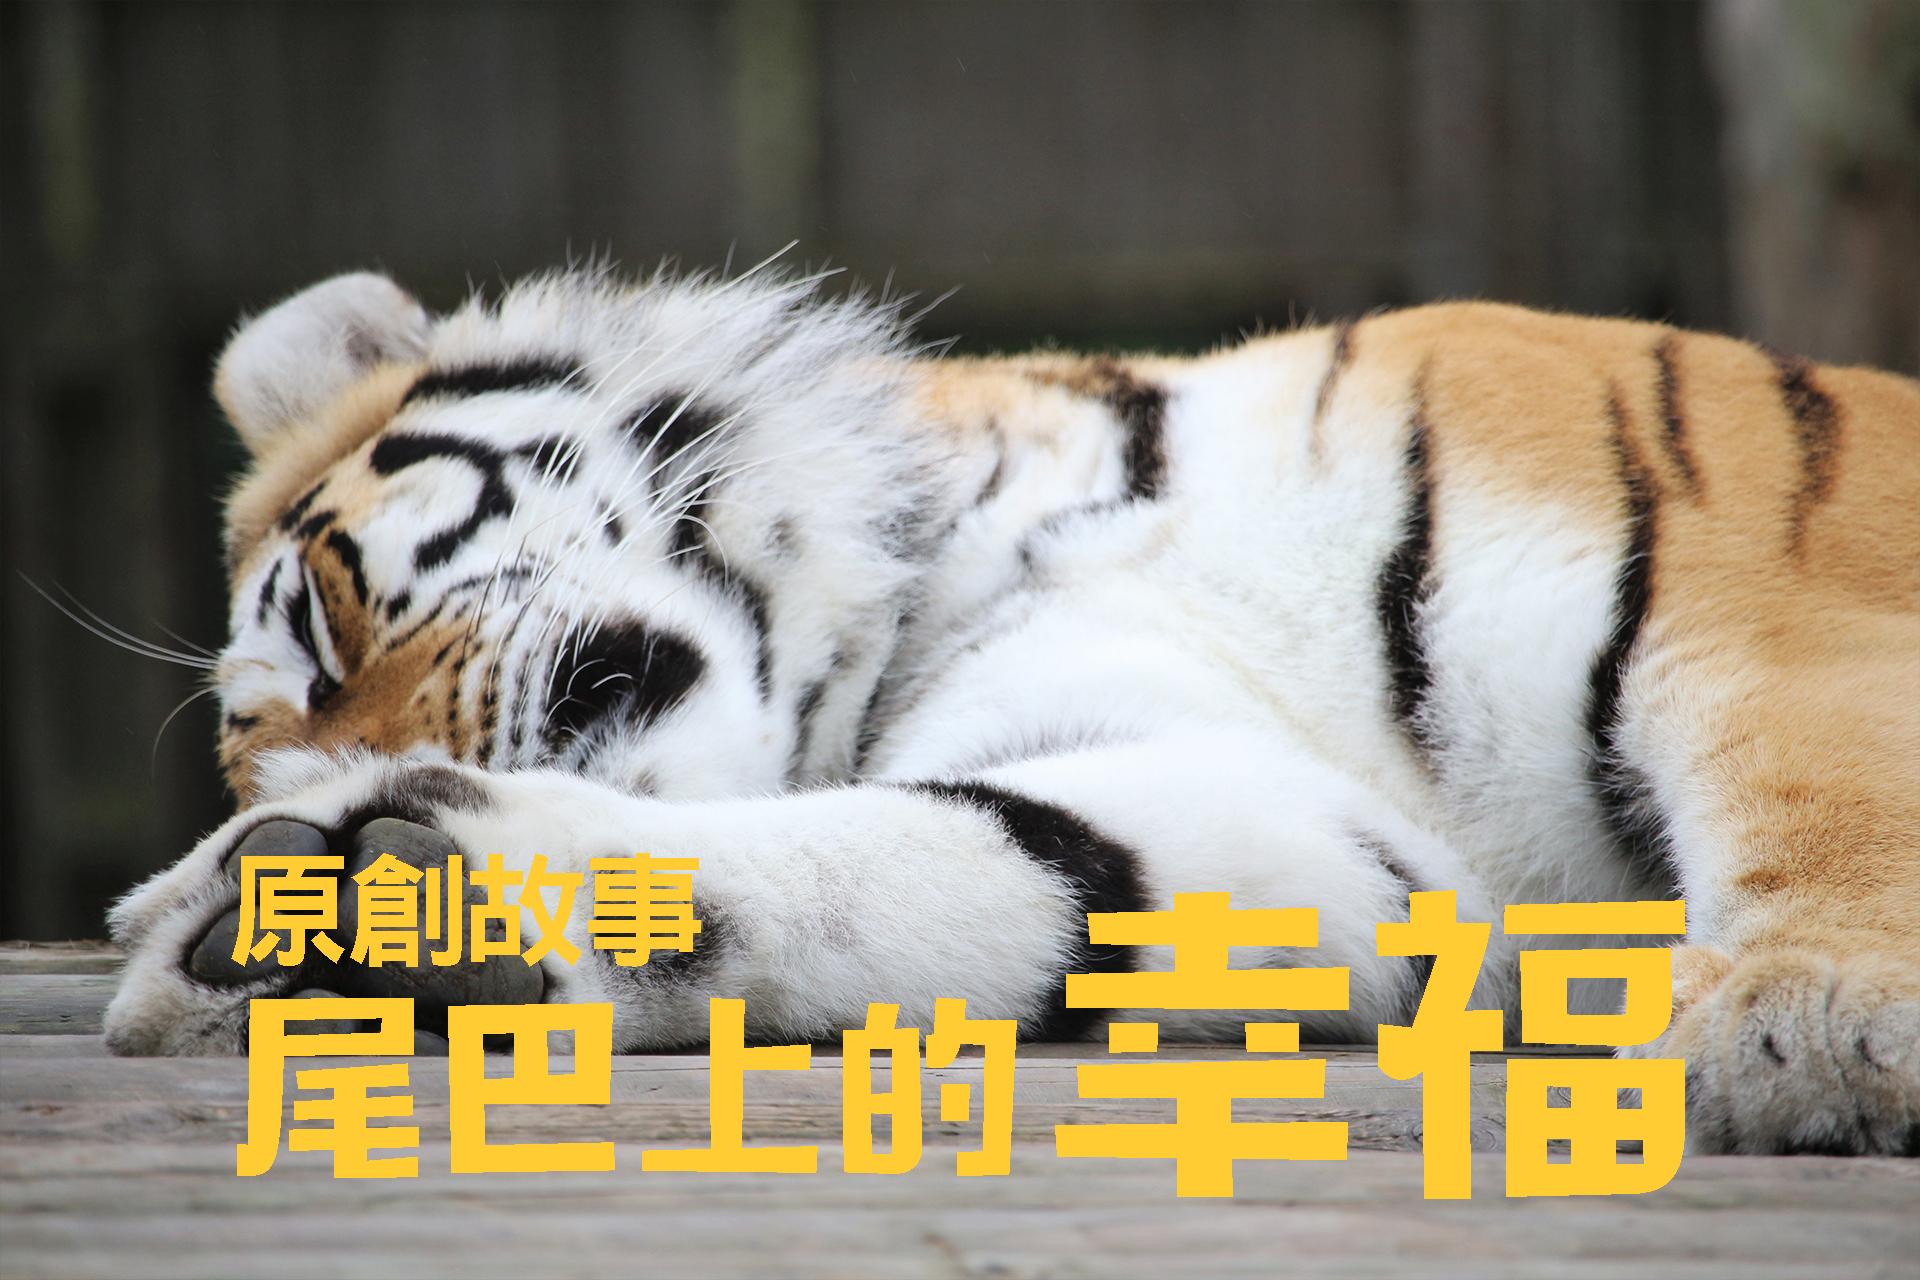 [原創故事]老虎尾巴上的幸福